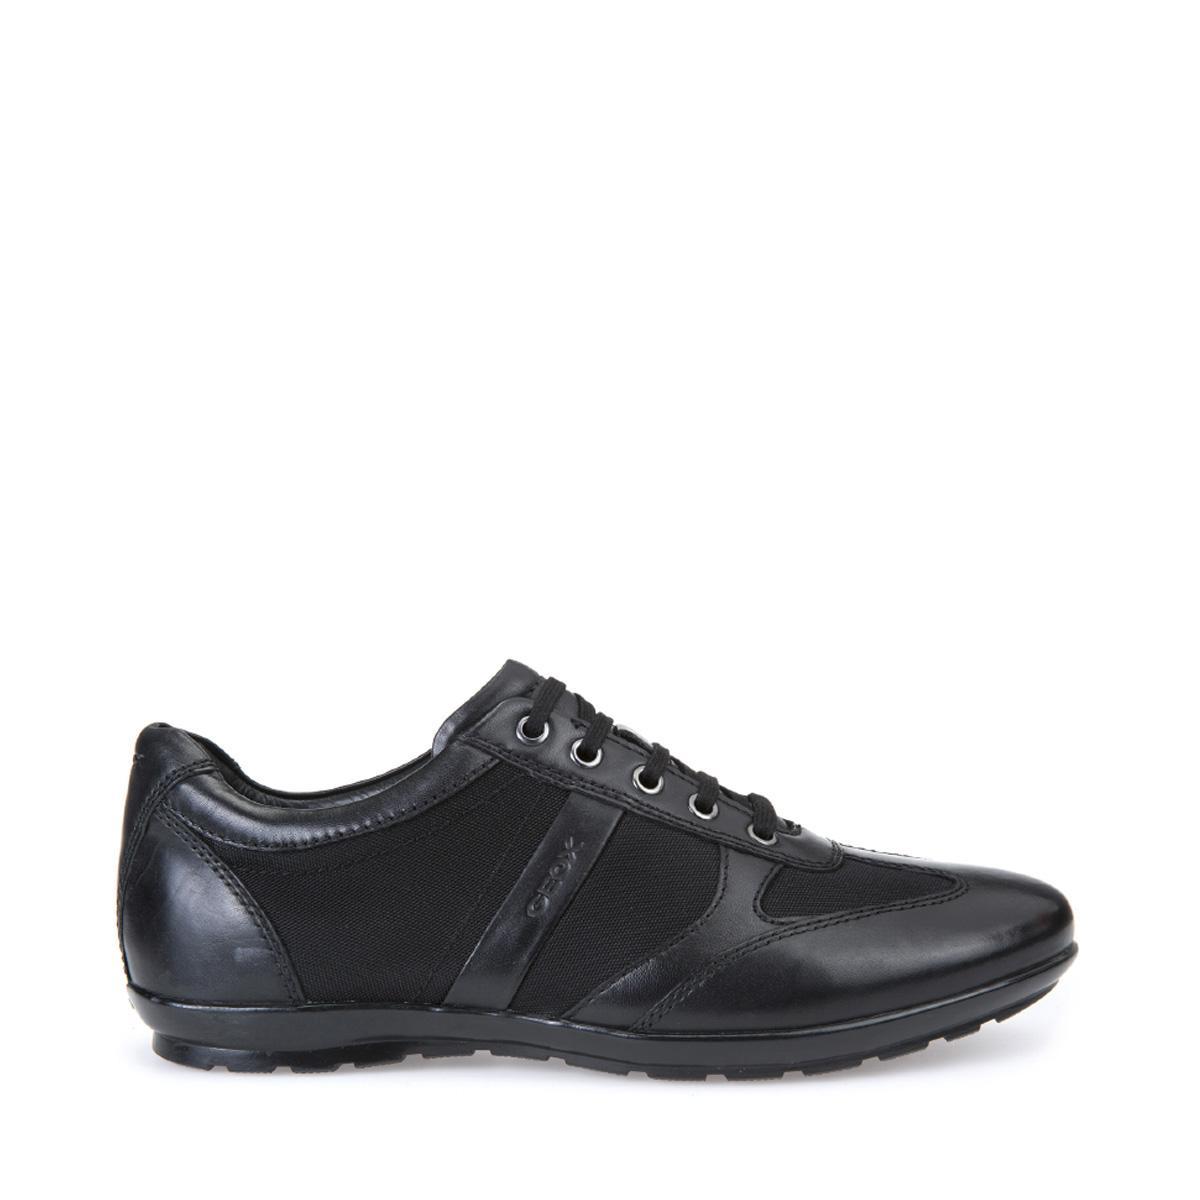 Jusqu à -50% sur la collection printemps été 2017 - Ex   Chaussures 6716e23db98e